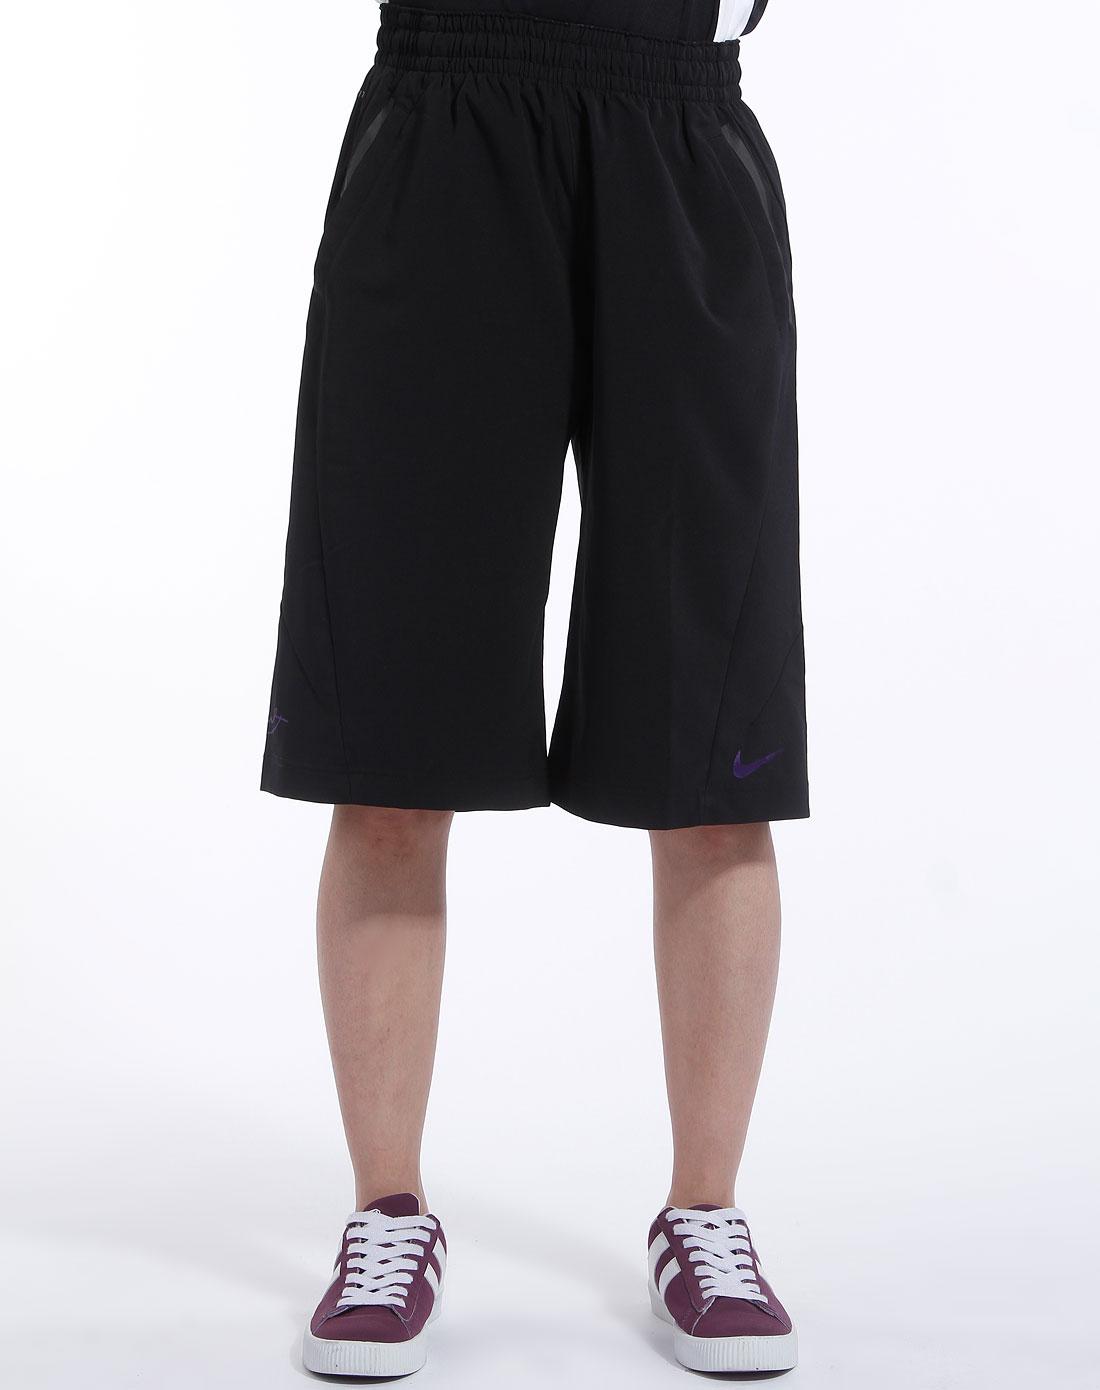 耐克nike-男装专场黑色运动梭织短裤